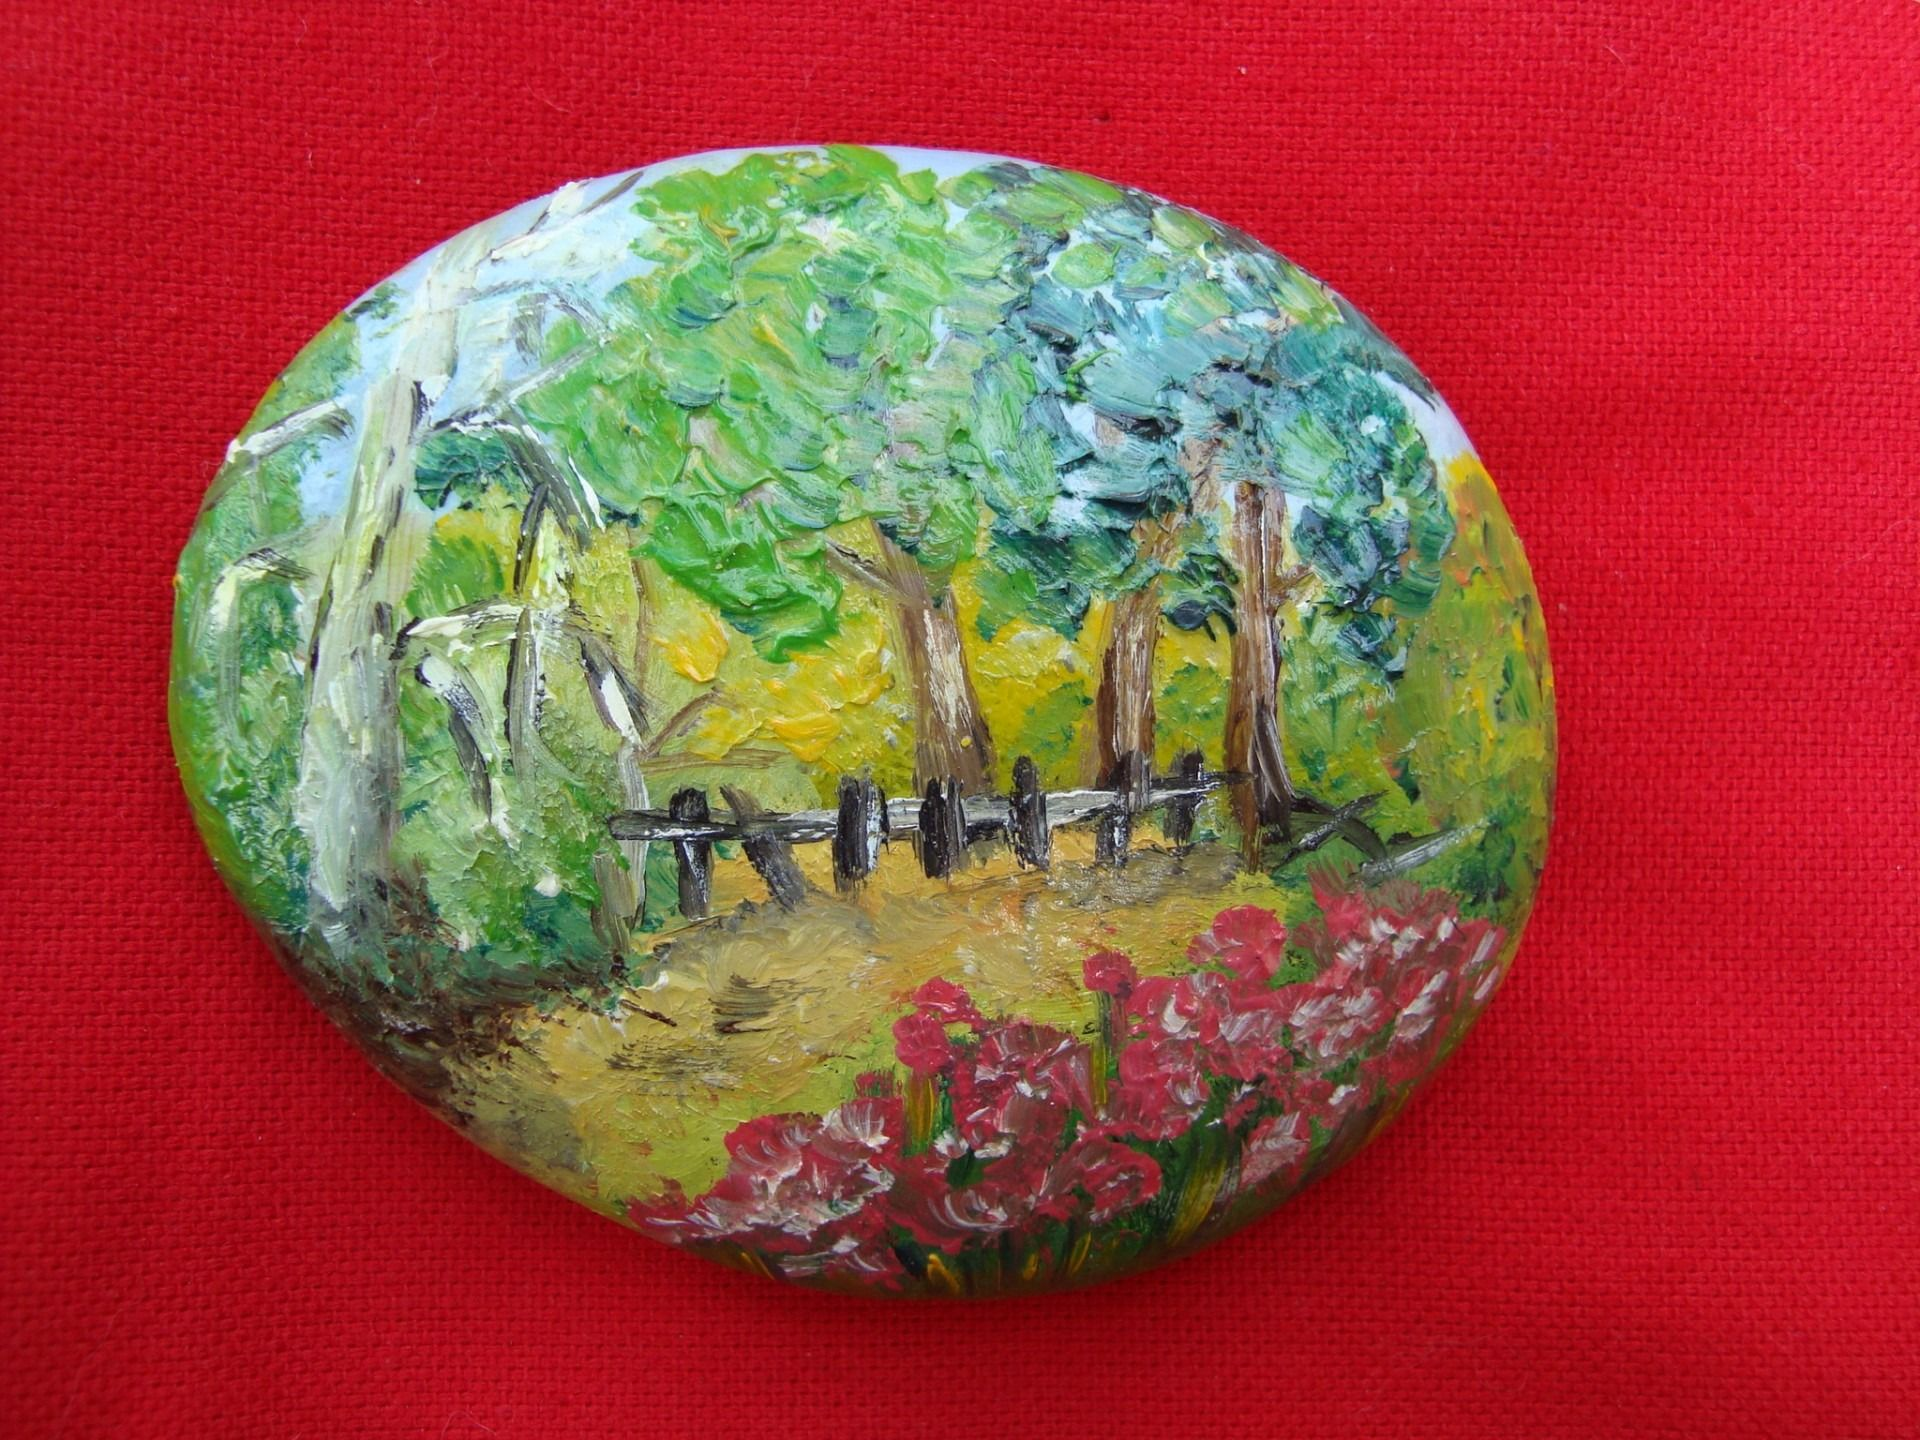 galet peint peinture paysage miniature l 39 huile pierre multicolore peintures par ricochet. Black Bedroom Furniture Sets. Home Design Ideas